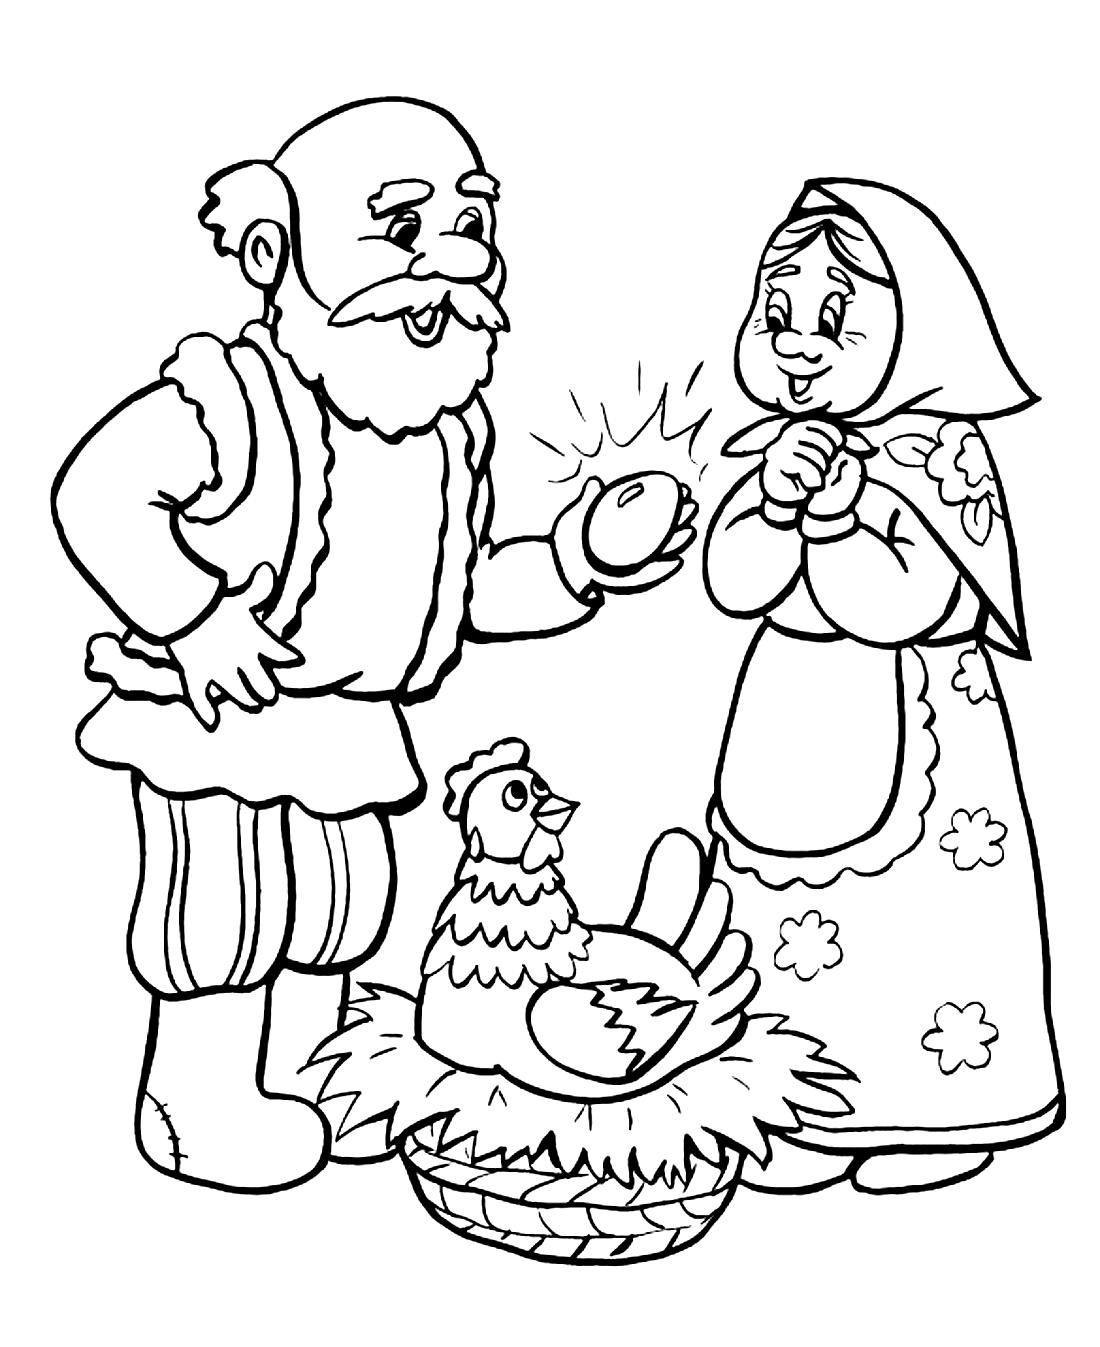 картинка дедка раскраска хаски для